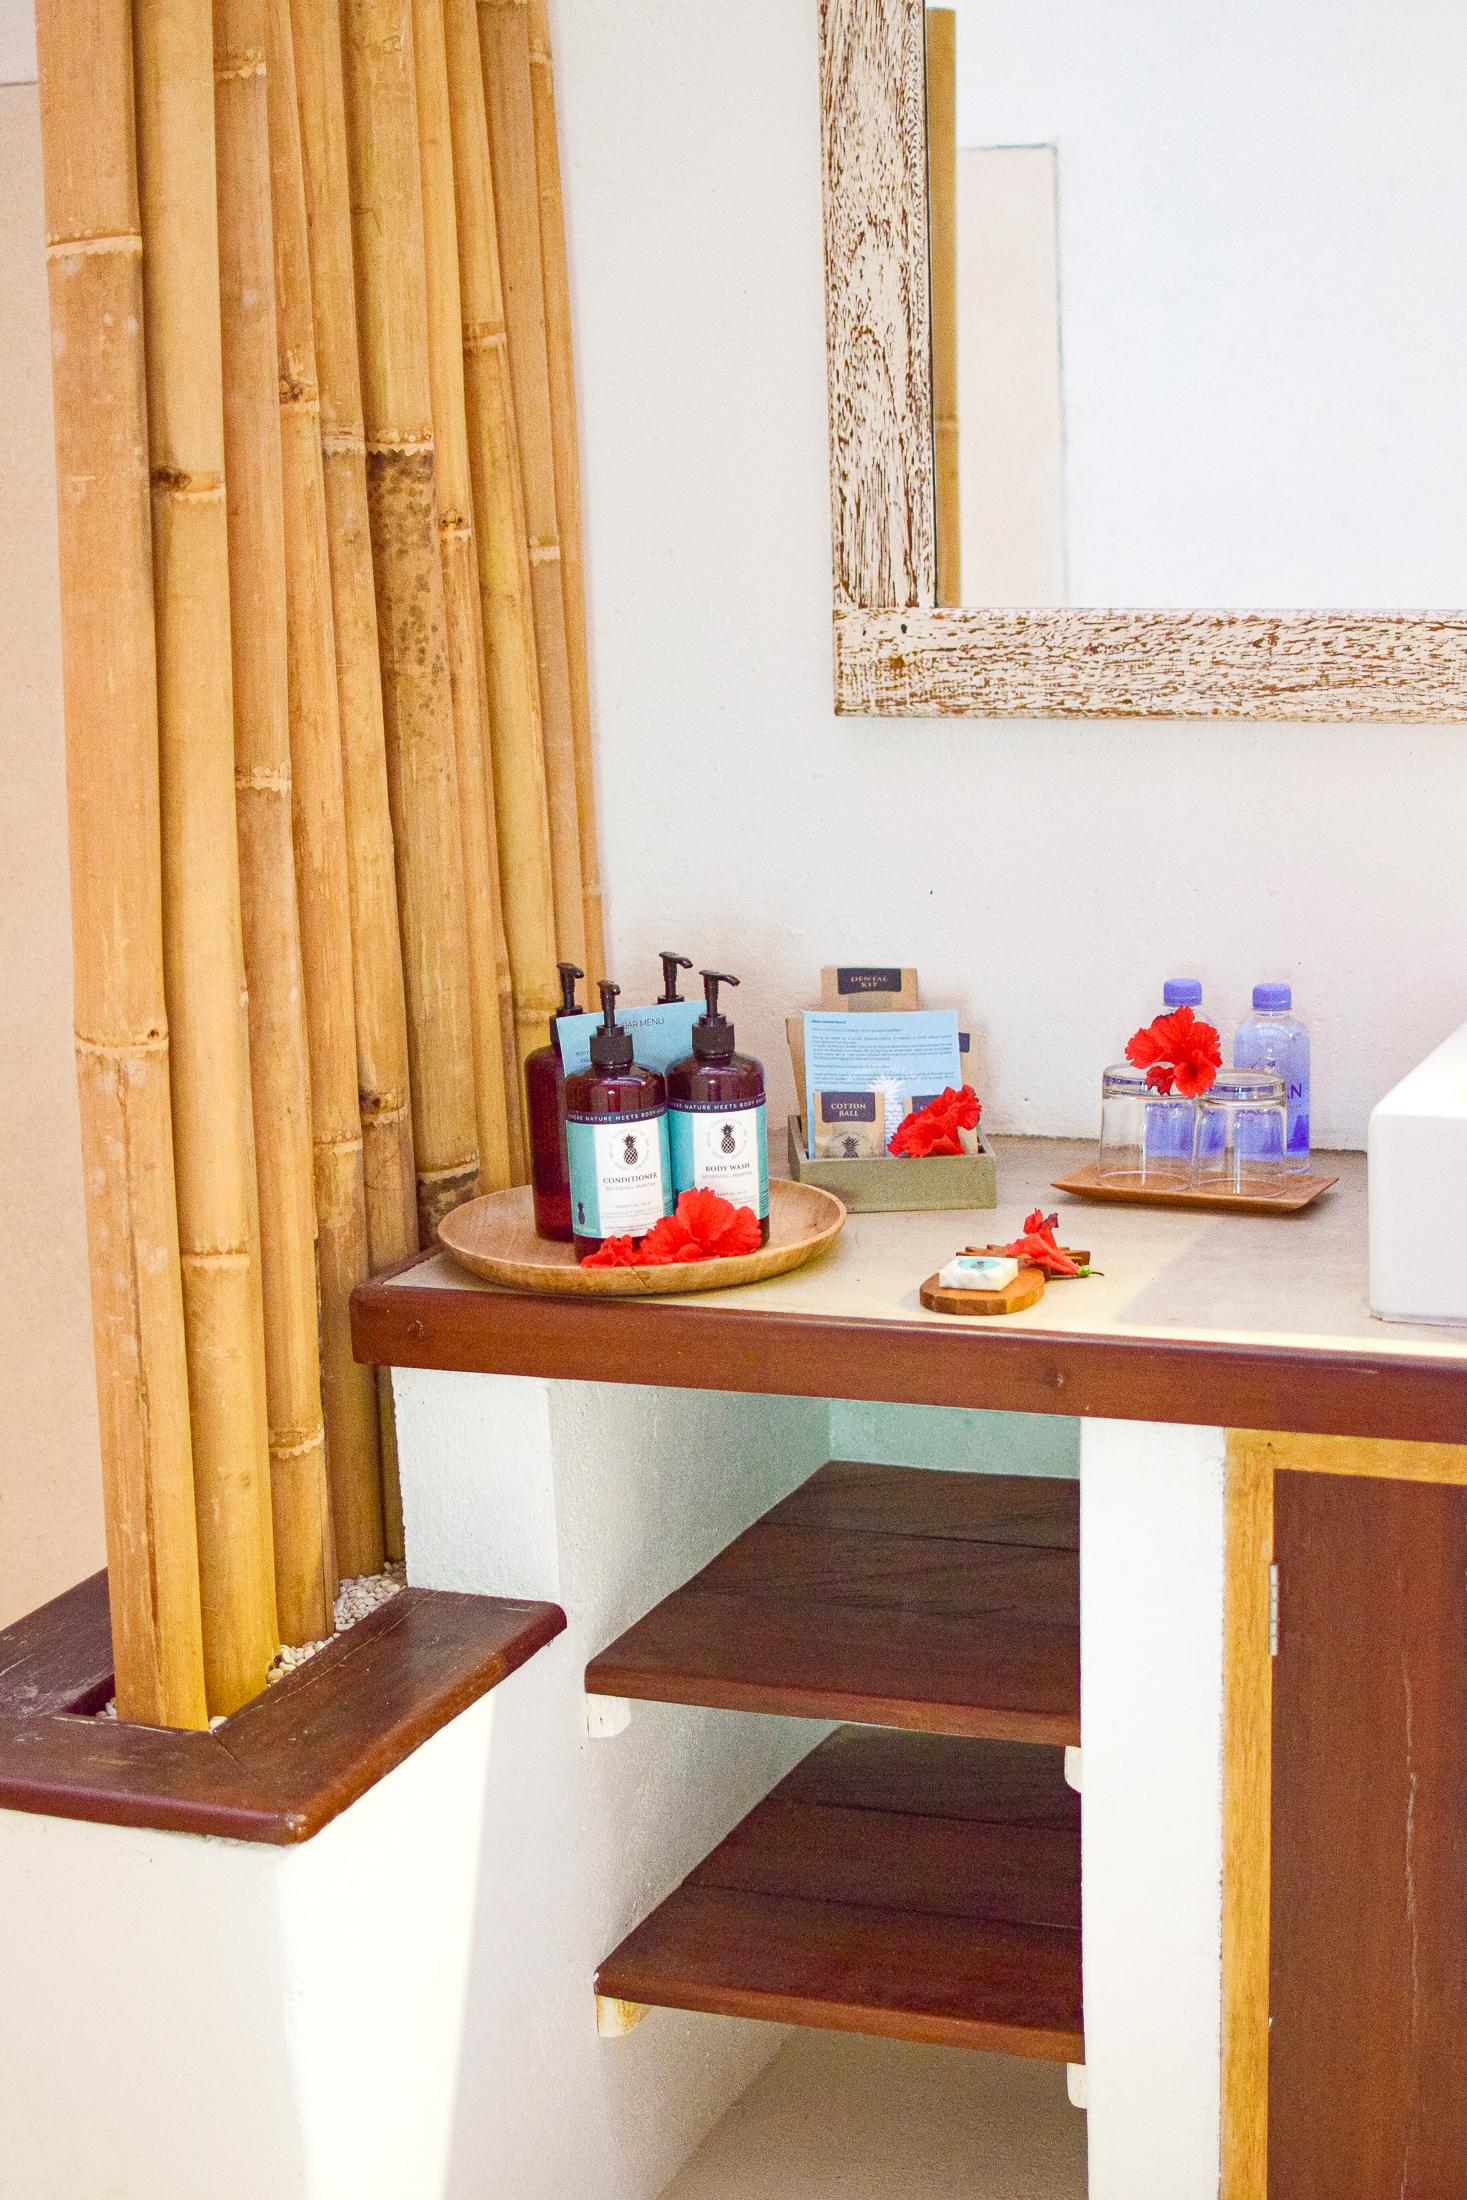 shampo, balsam och vattenflaskor vid handfatet.